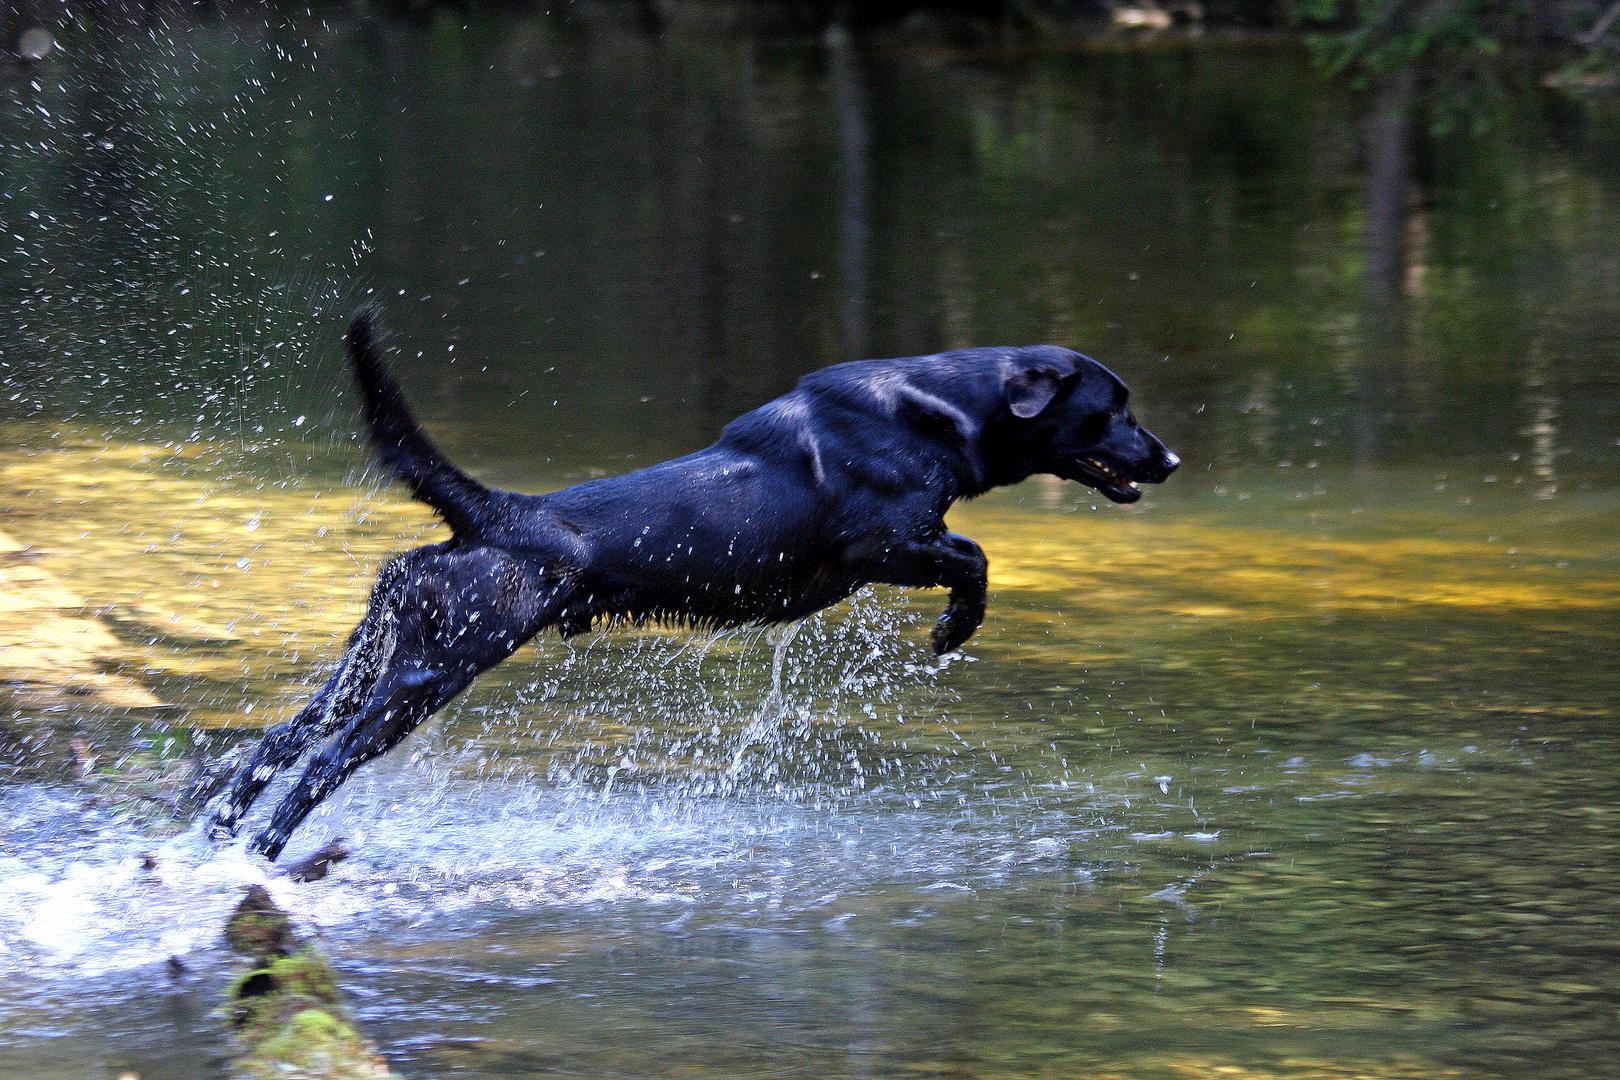 Rocky beim Apportieren vom anderen Flussufer